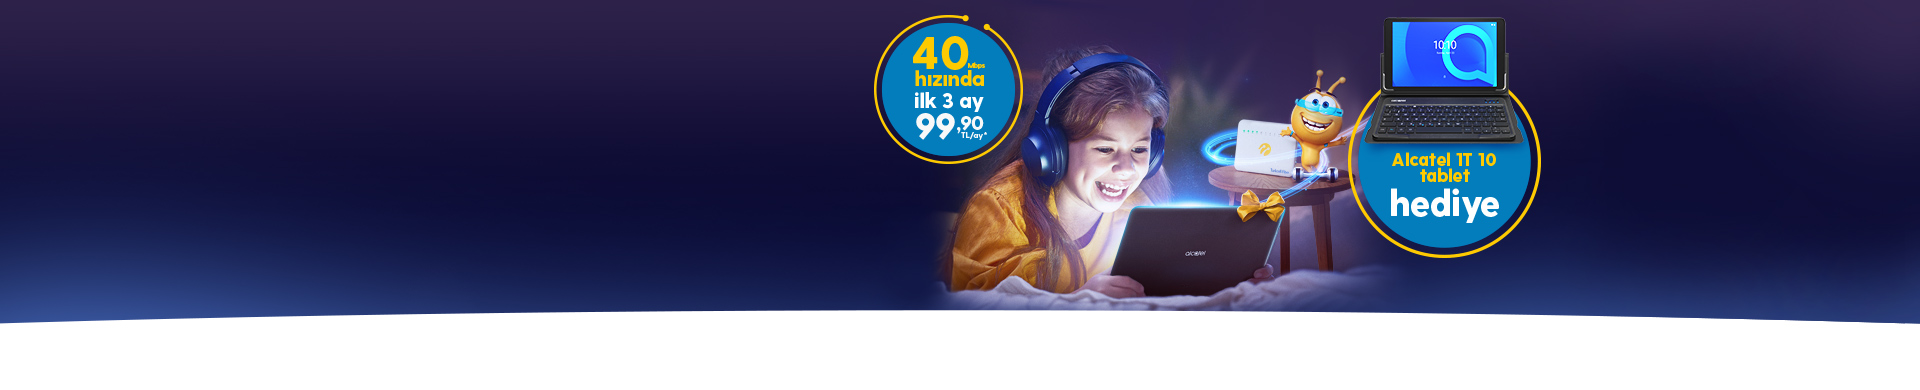 Alcatel Hediye Tabletiniz Turkcell Fiber'de